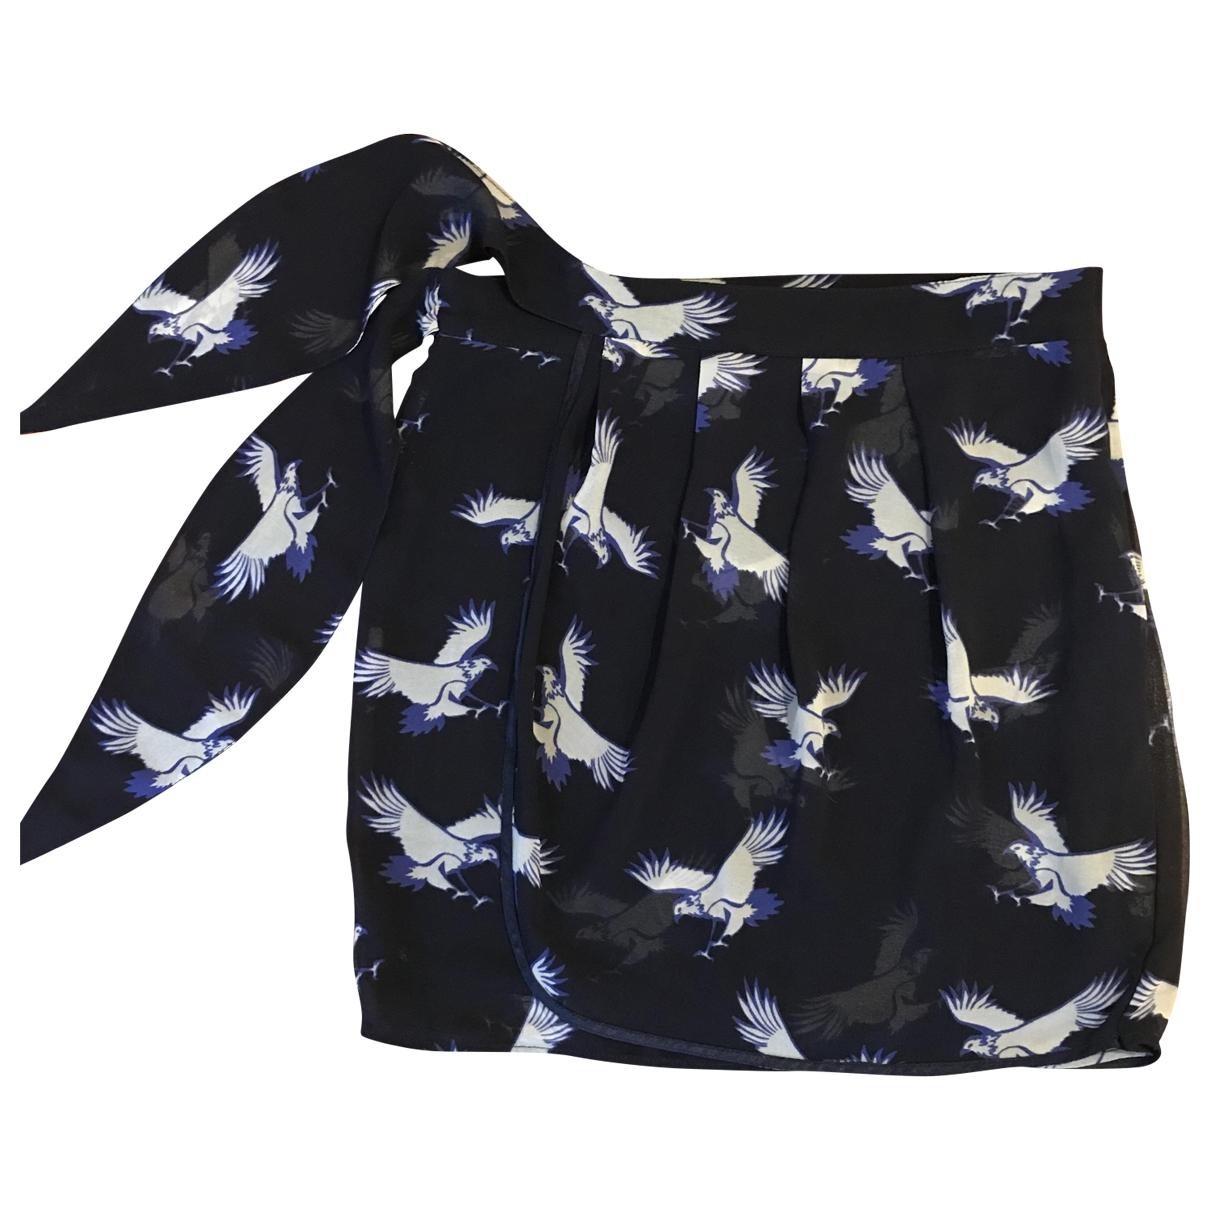 Zara \N Navy skirt for Women S International